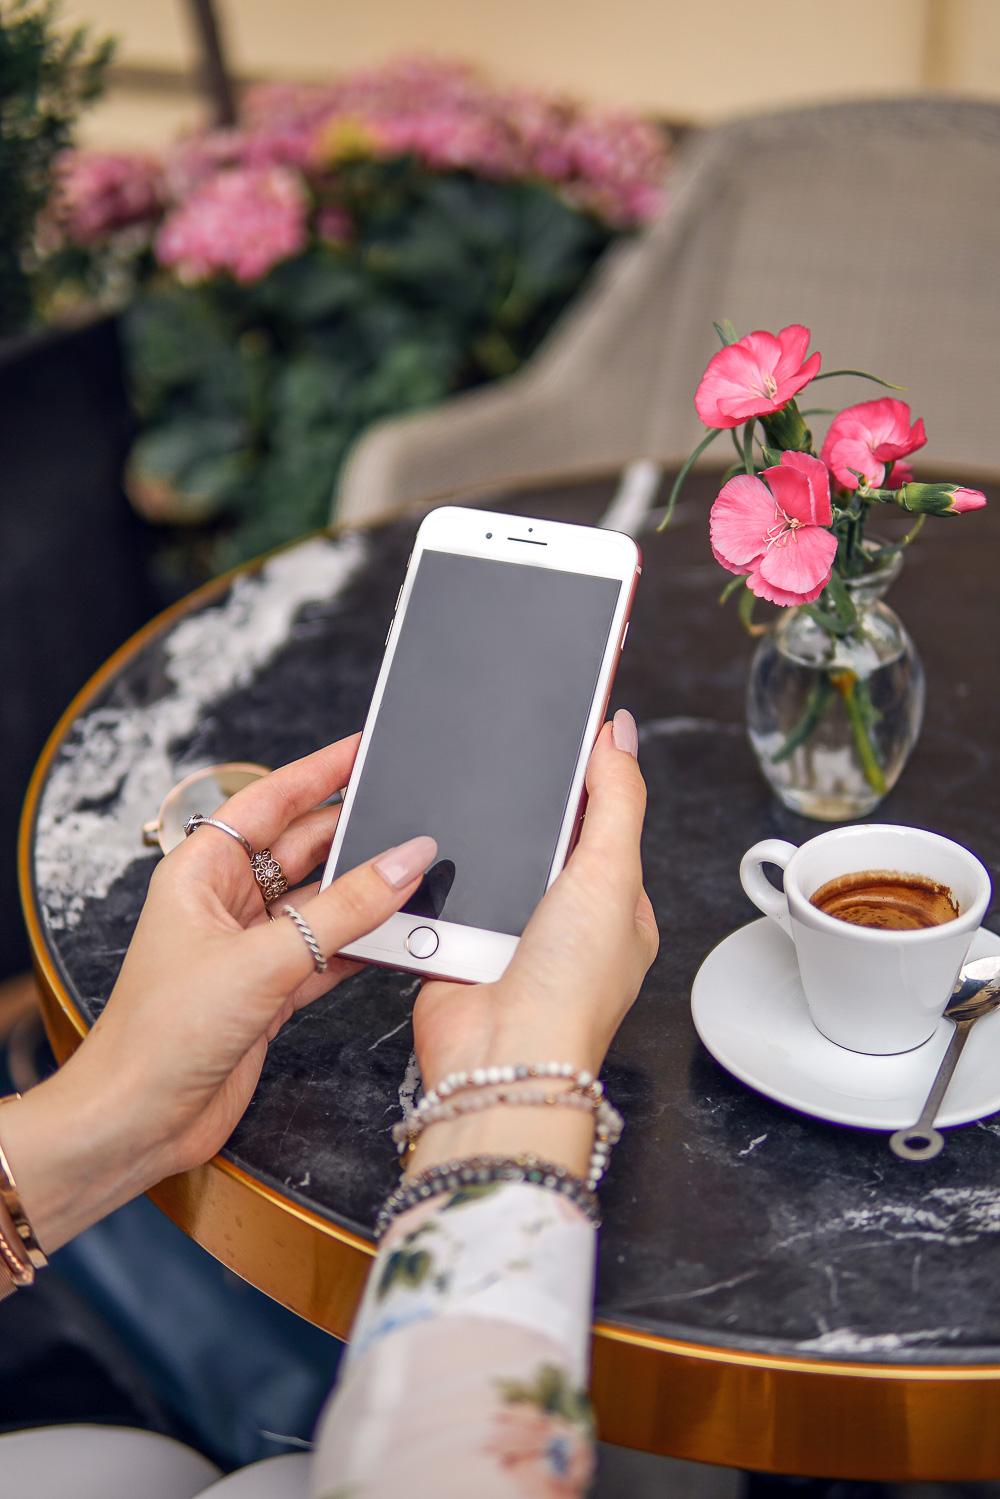 iPhone 8 Plus Instagram Update - Blogger